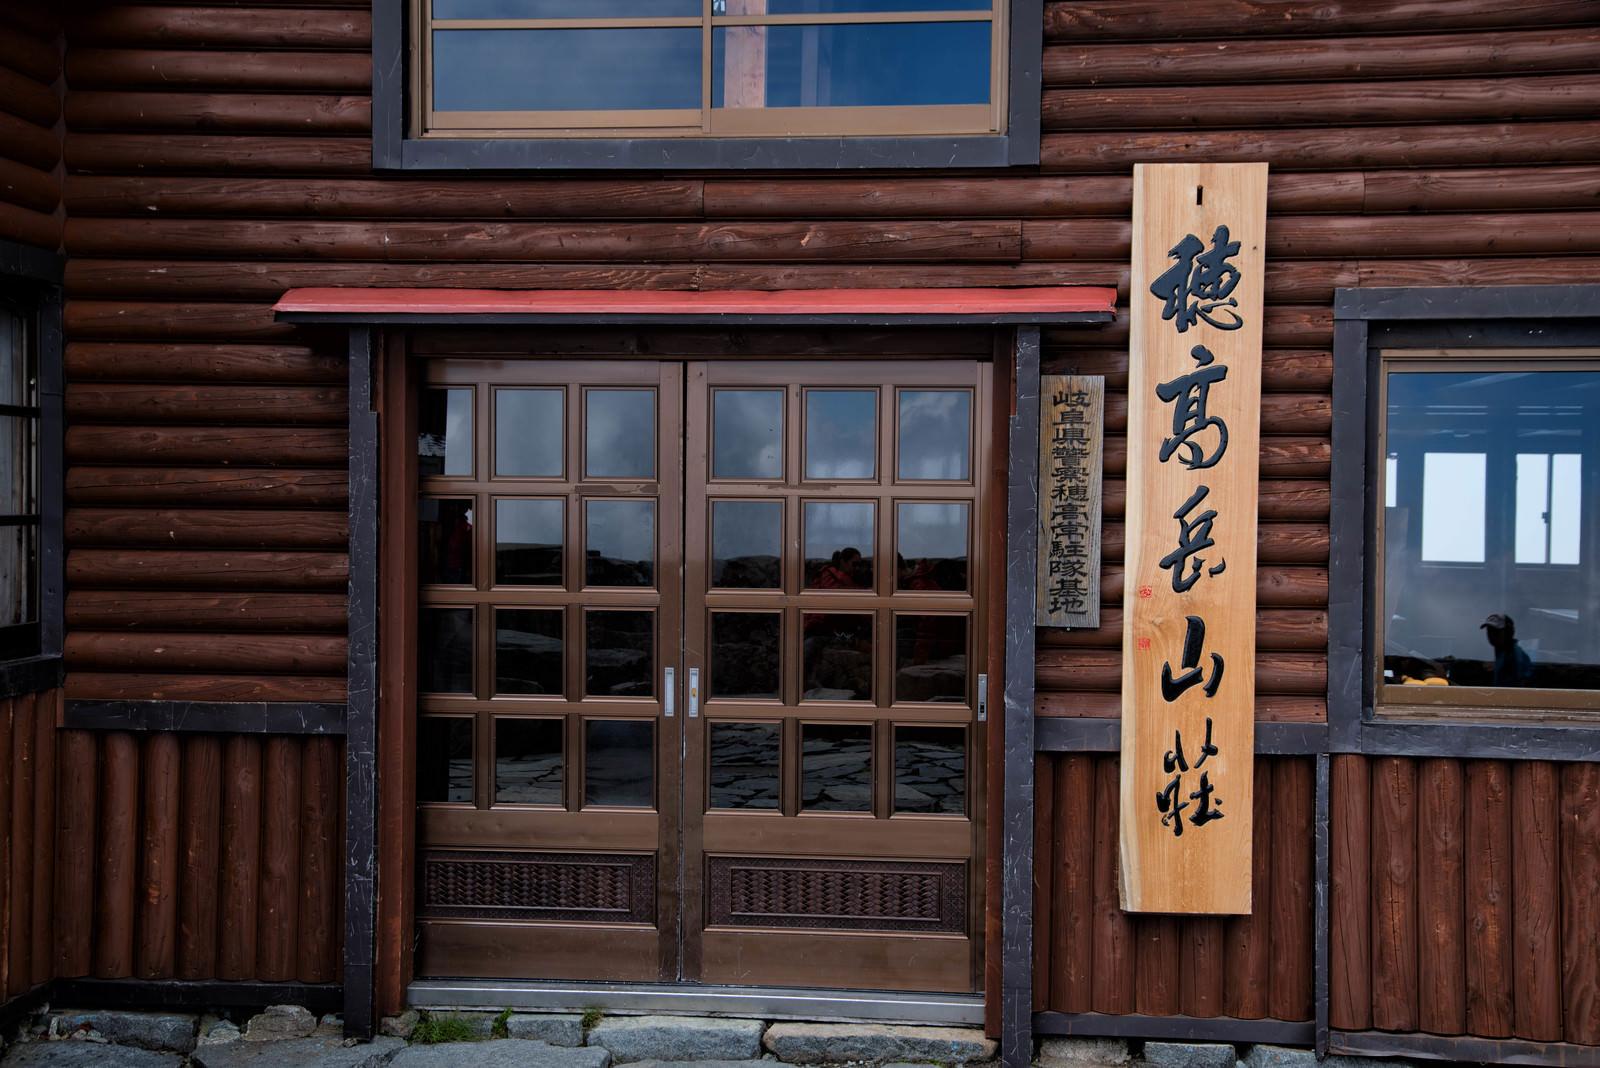 「達筆な看板(穂高岳山荘)」の写真